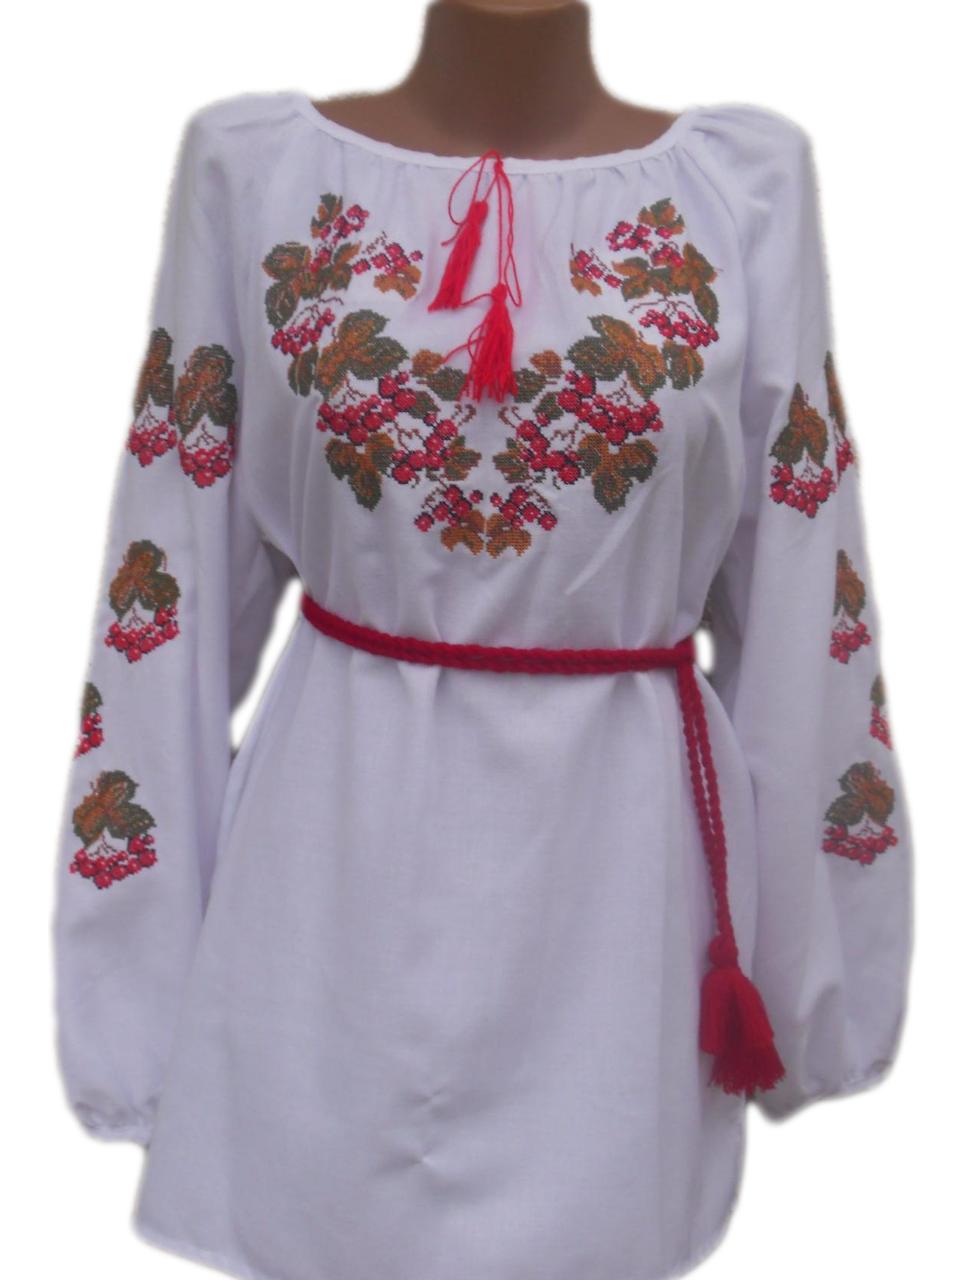 """Жіноча вишита сорочка (блузка) """"Керая"""" (Женская вышитая рубашка (блузка) """"Керая"""") BN-0034"""